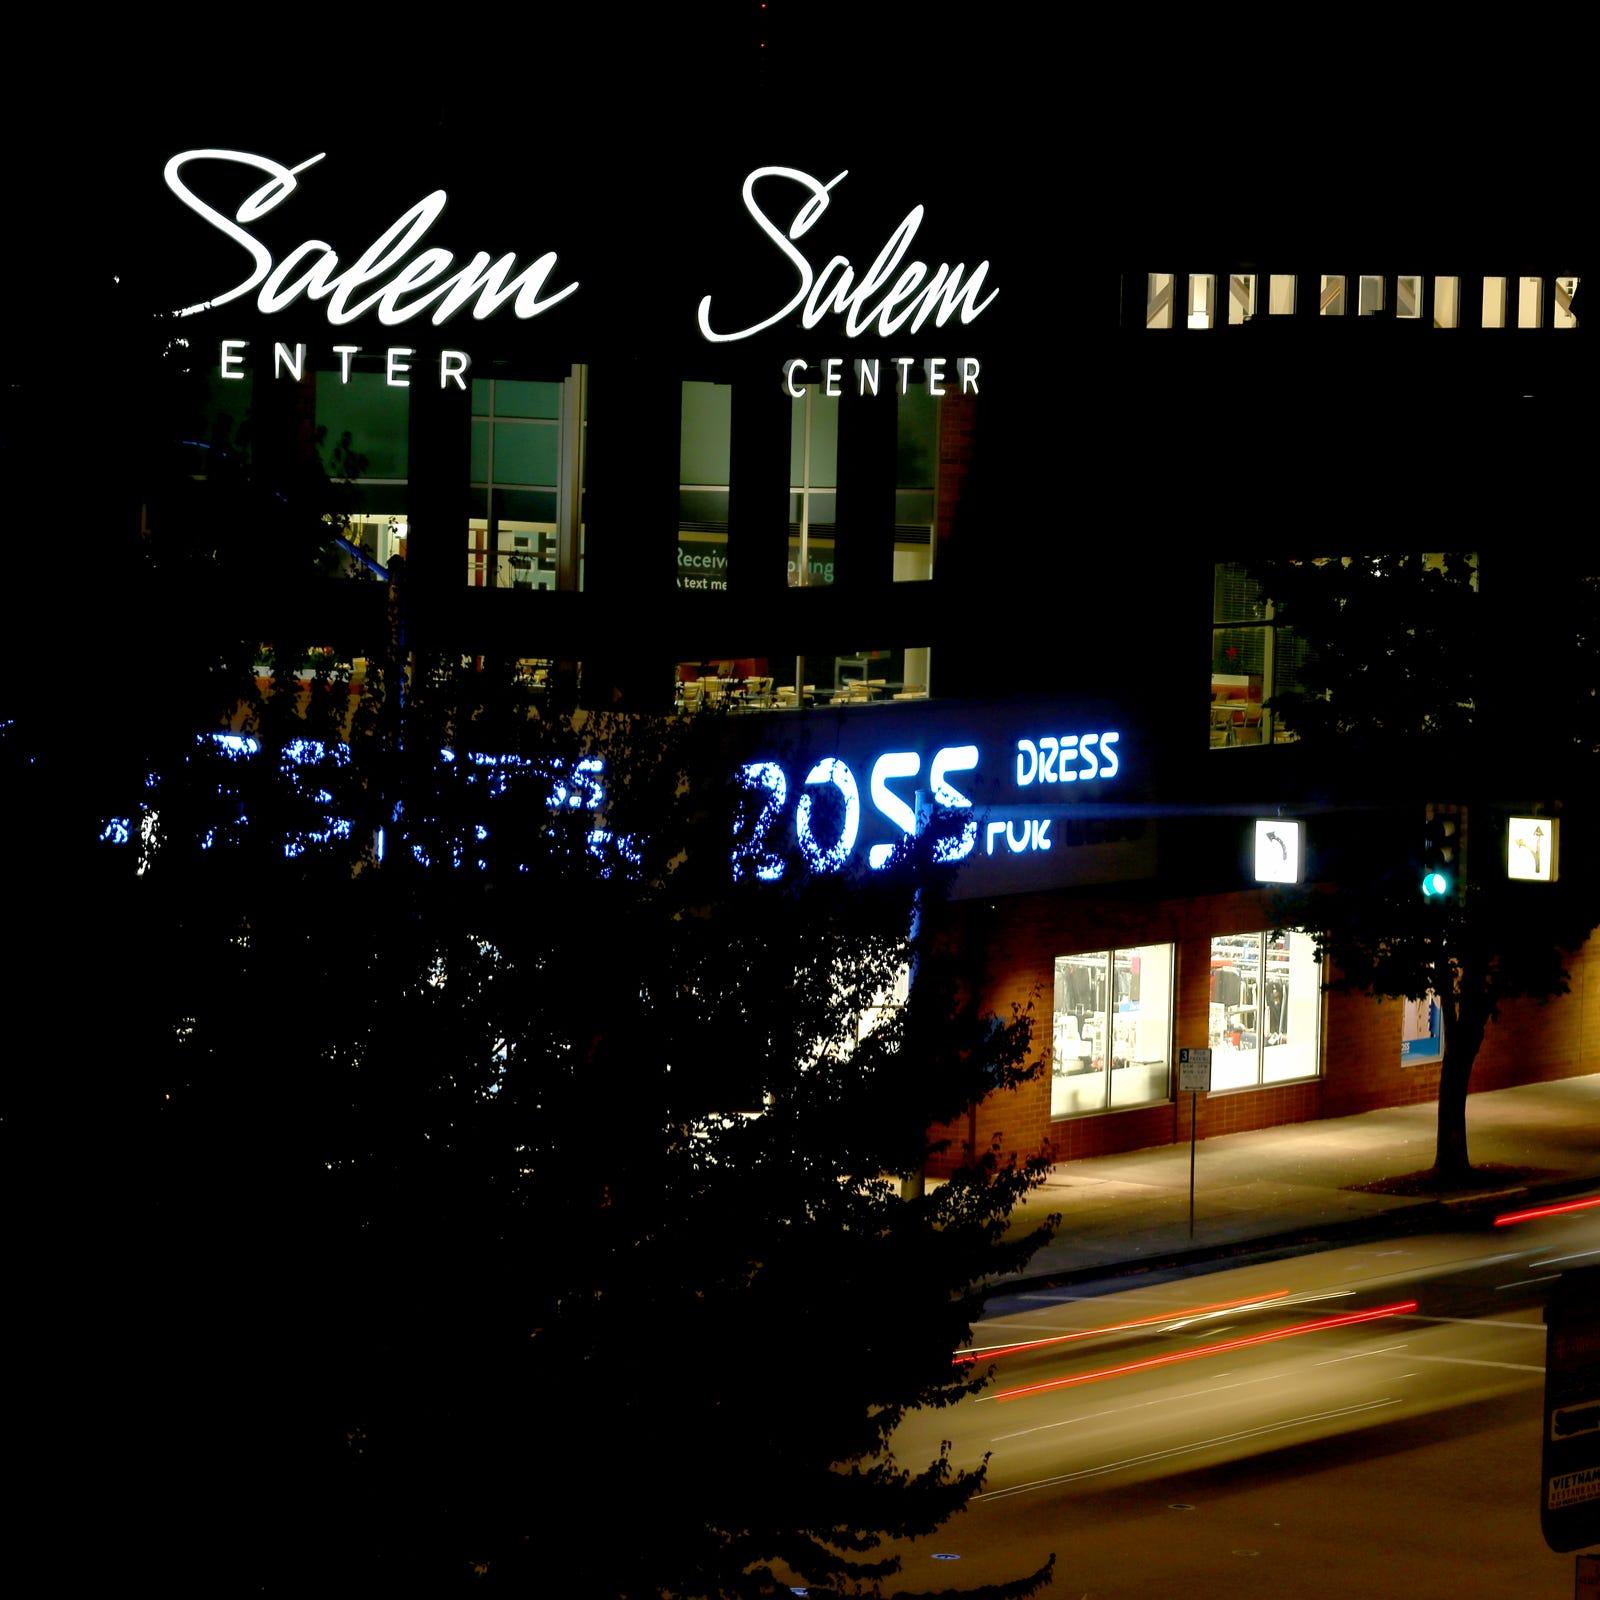 Salem Center sold for $27 million after former owners defaulted on loan